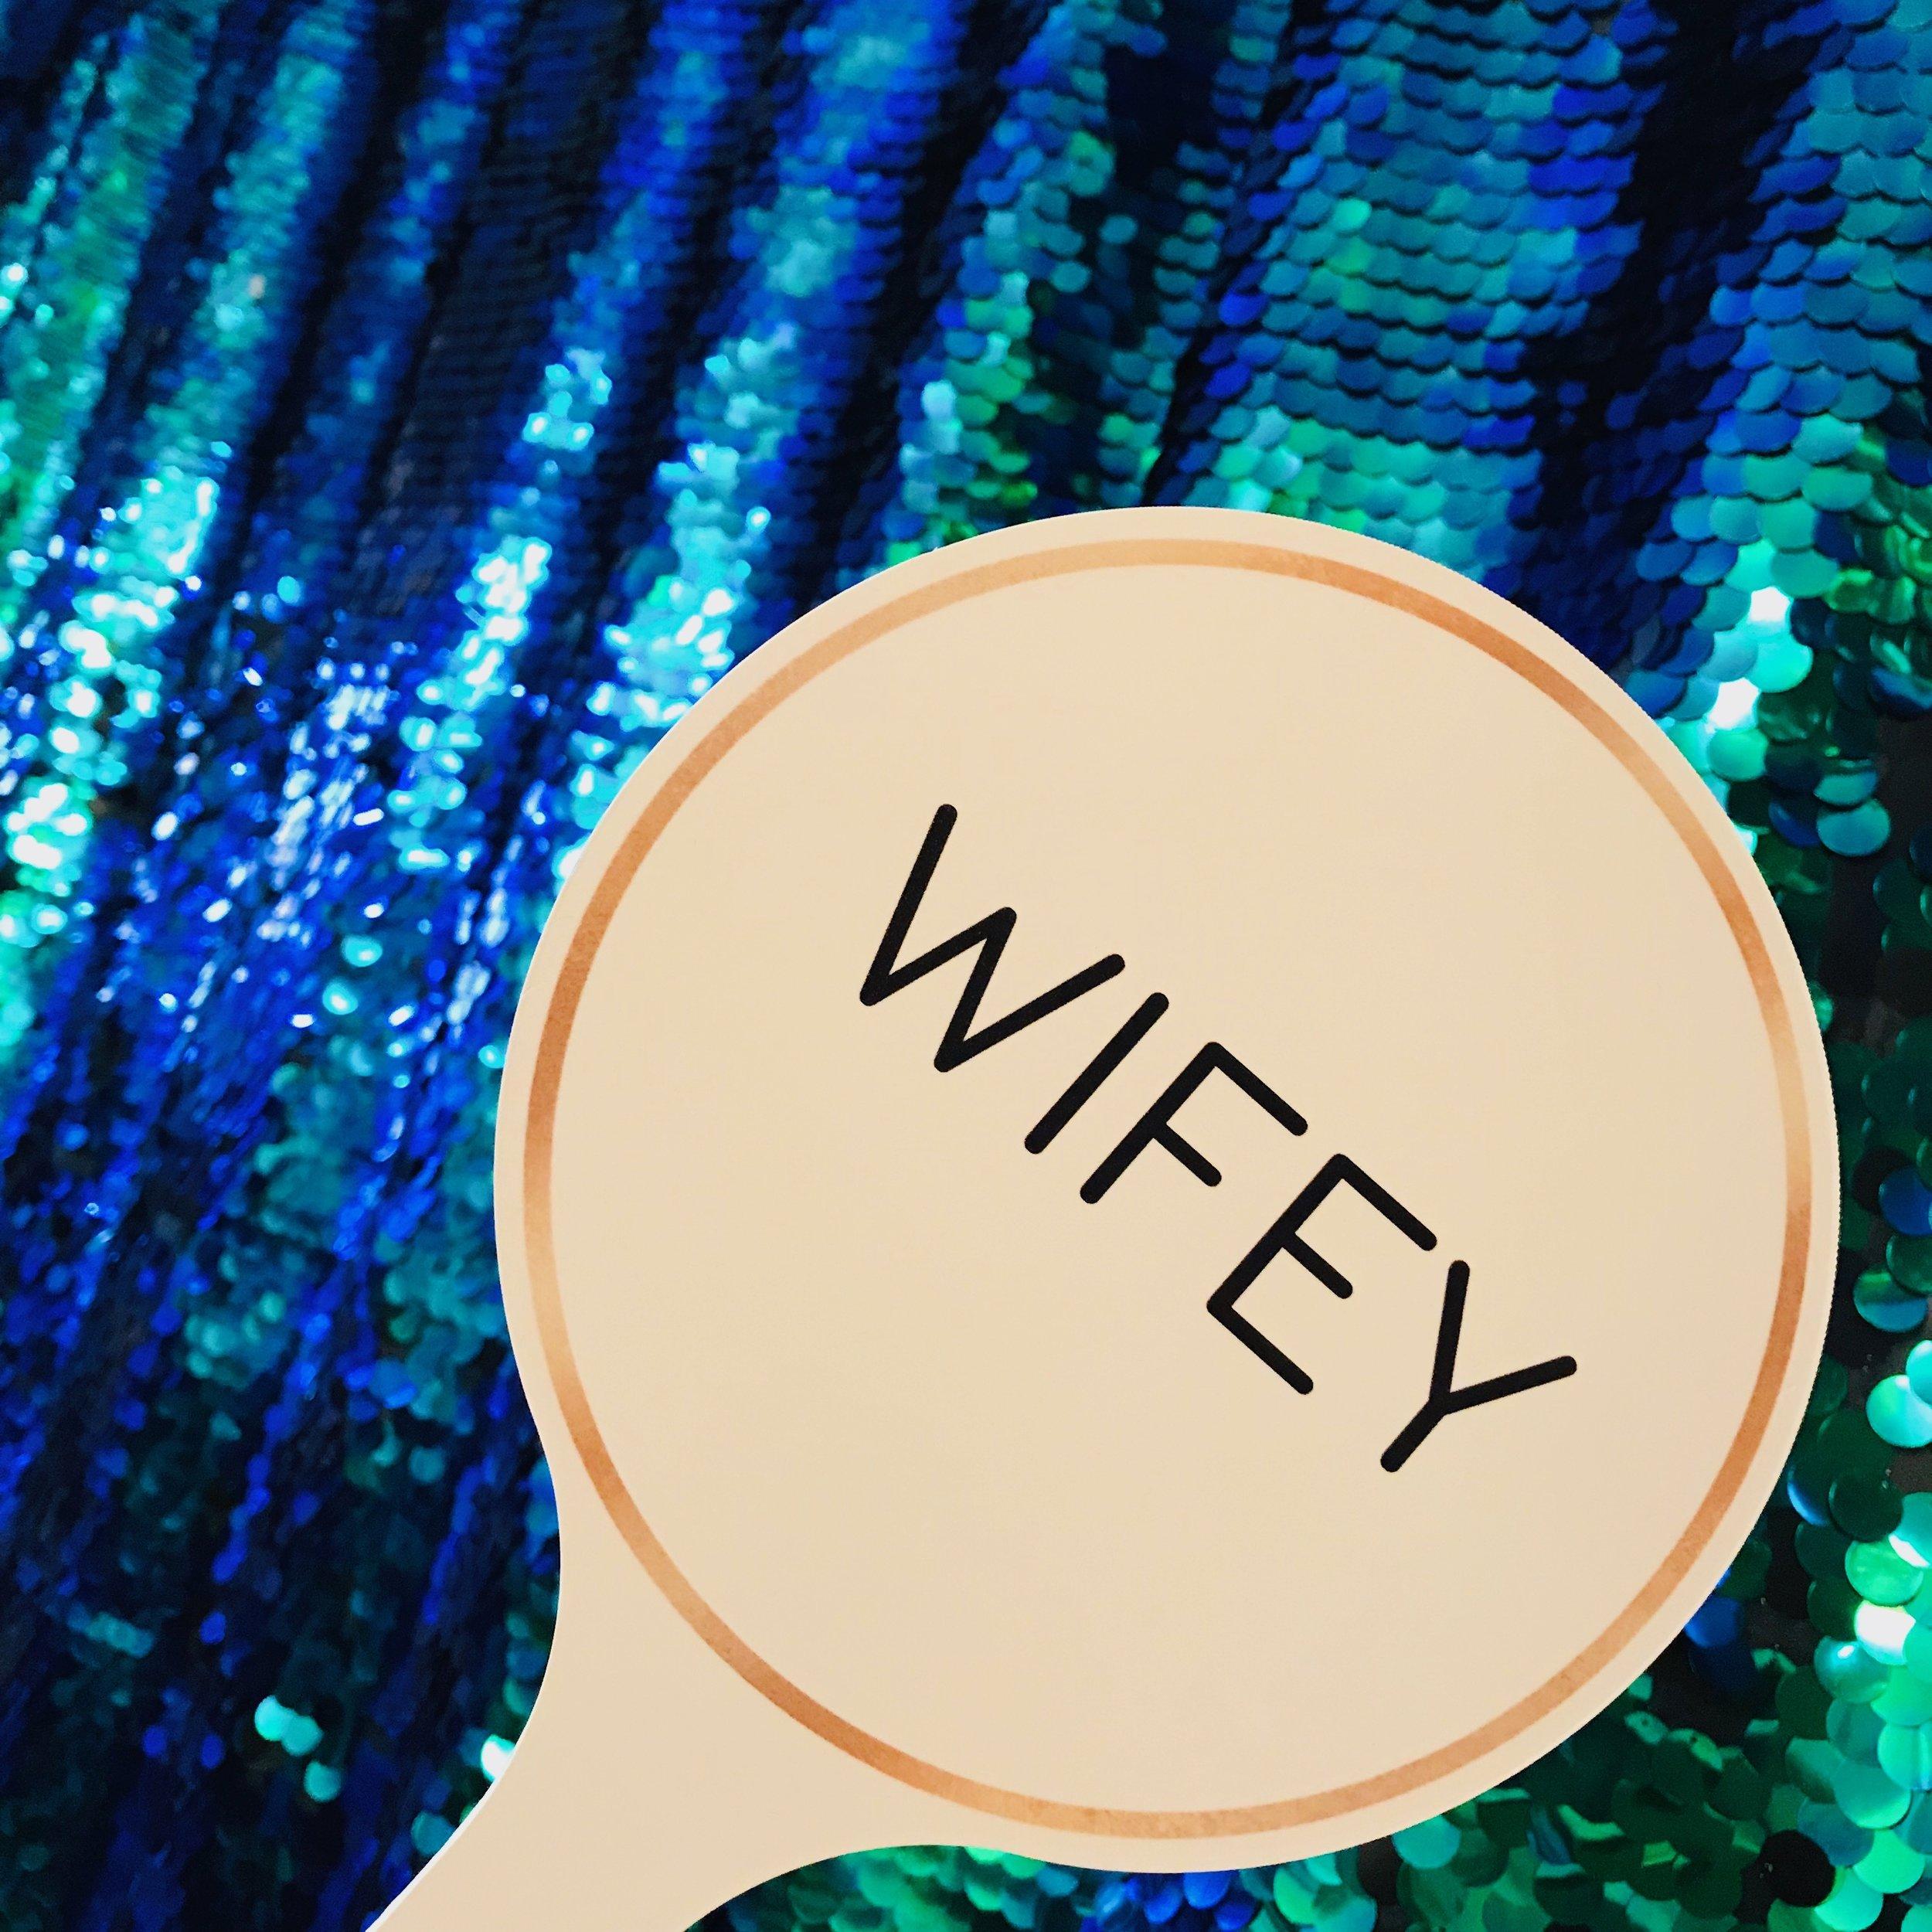 wifey.jpeg